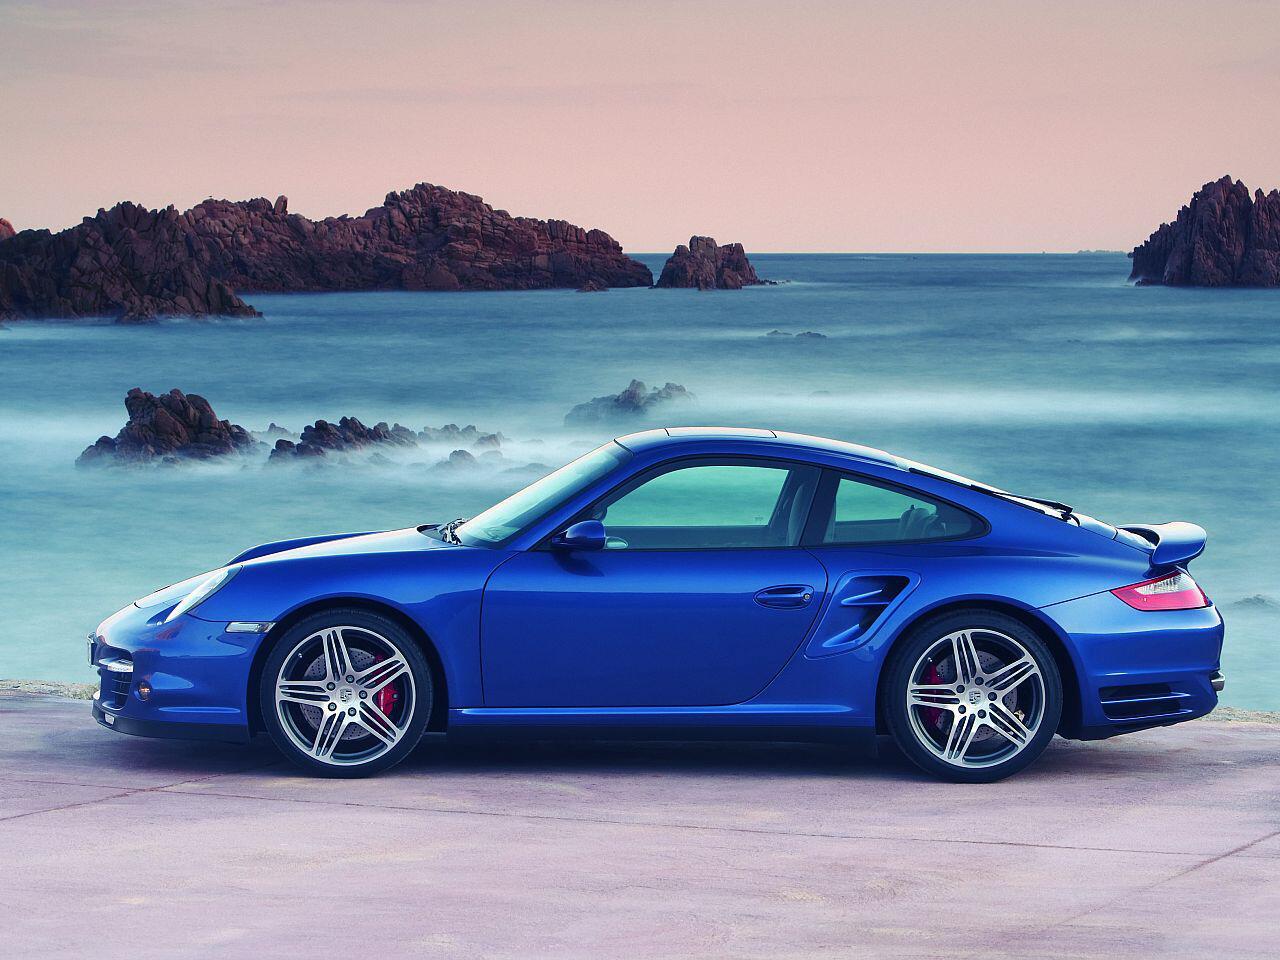 Bild zu 40-jähriges Jubiläum: Der Zuffenhauser Sportwagen Porsche 911 Turbo